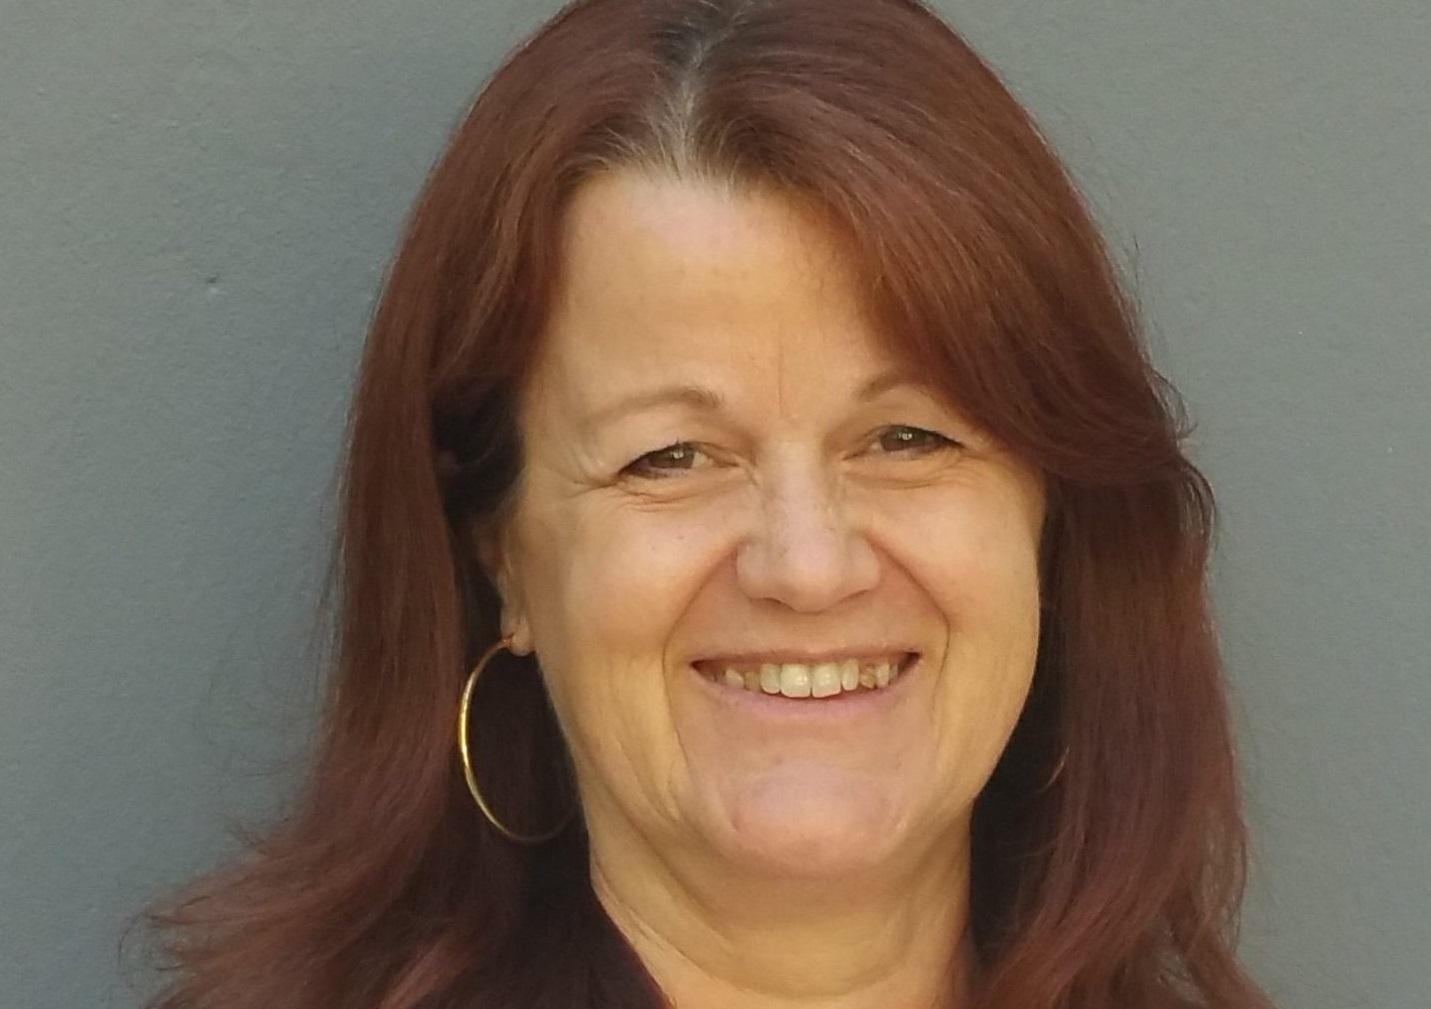 Christine Maufroy virtuelzen